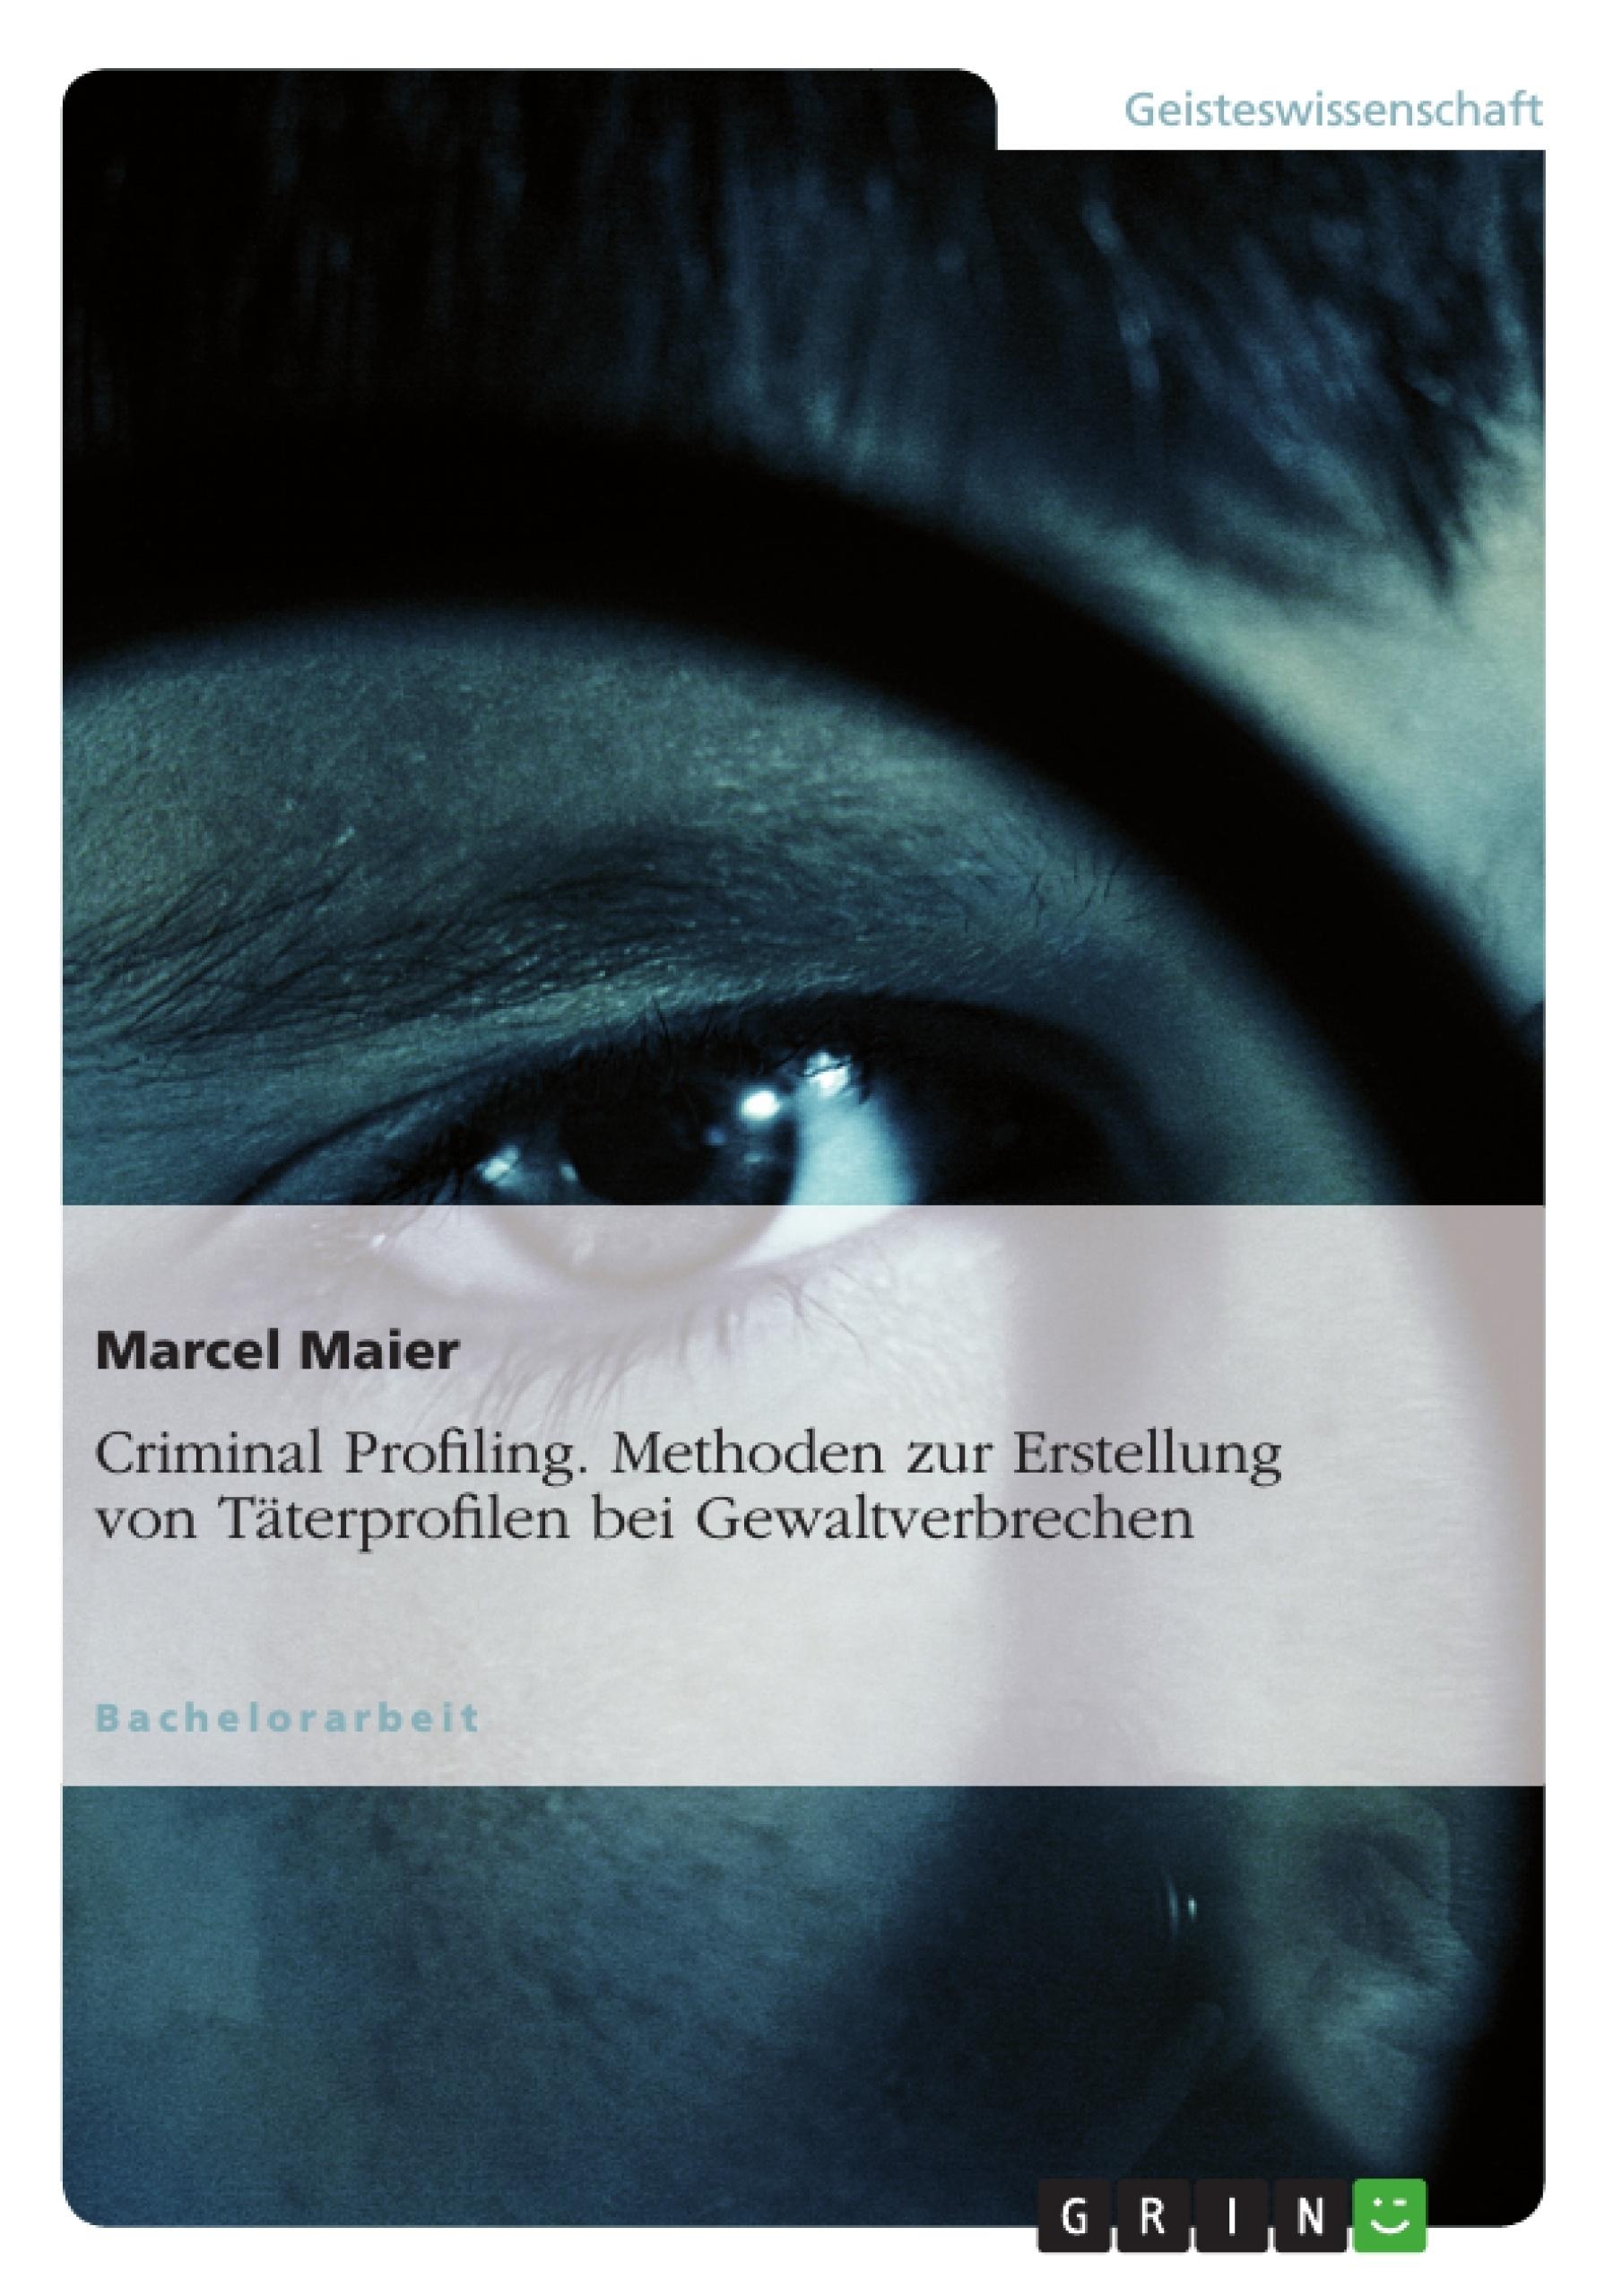 Titel: Criminal Profiling. Methoden zur Erstellung von Täterprofilen bei Gewaltverbrechen